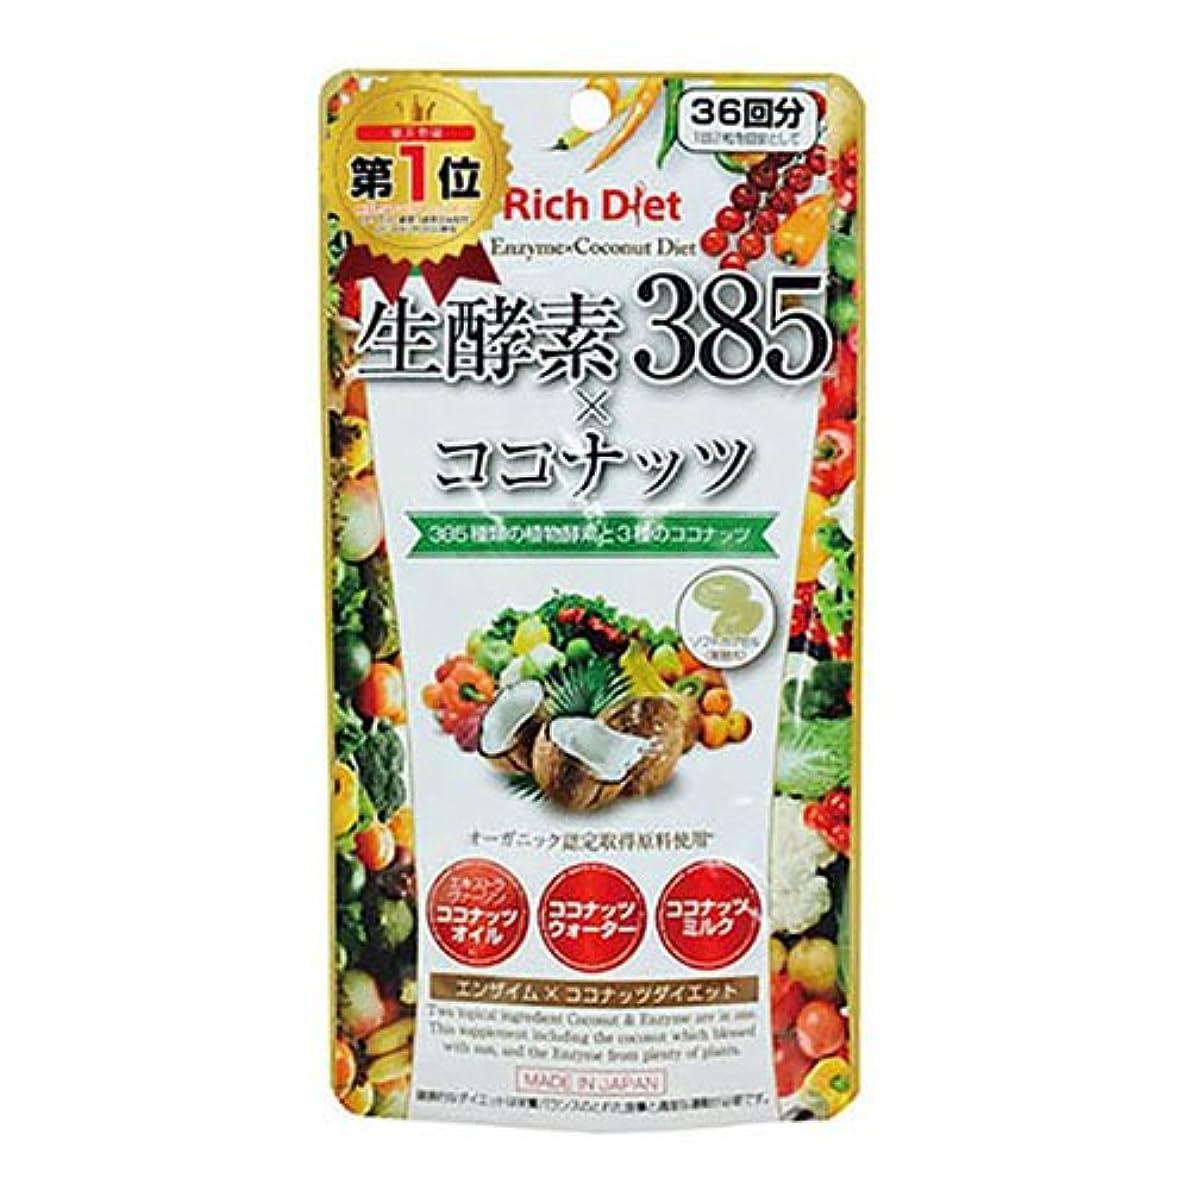 ありがたい前置詞また明日ねRich Diet 生酵素×ココナッツダイエット 72粒